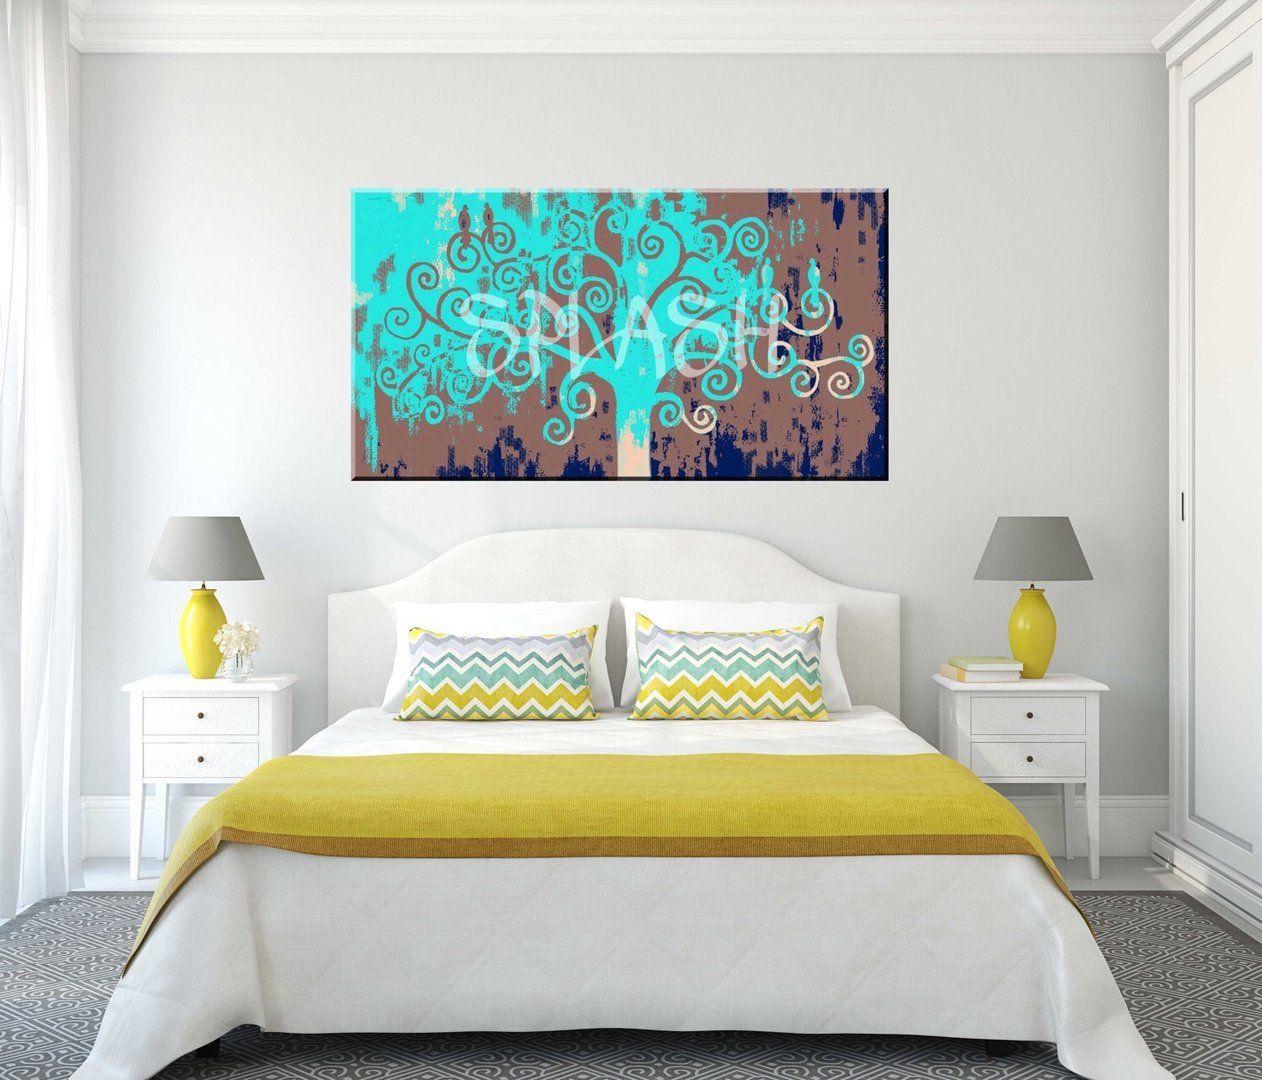 Cuadros modernos cuadros decorativos rbol vida para - Cuadros decoracion hogar ...